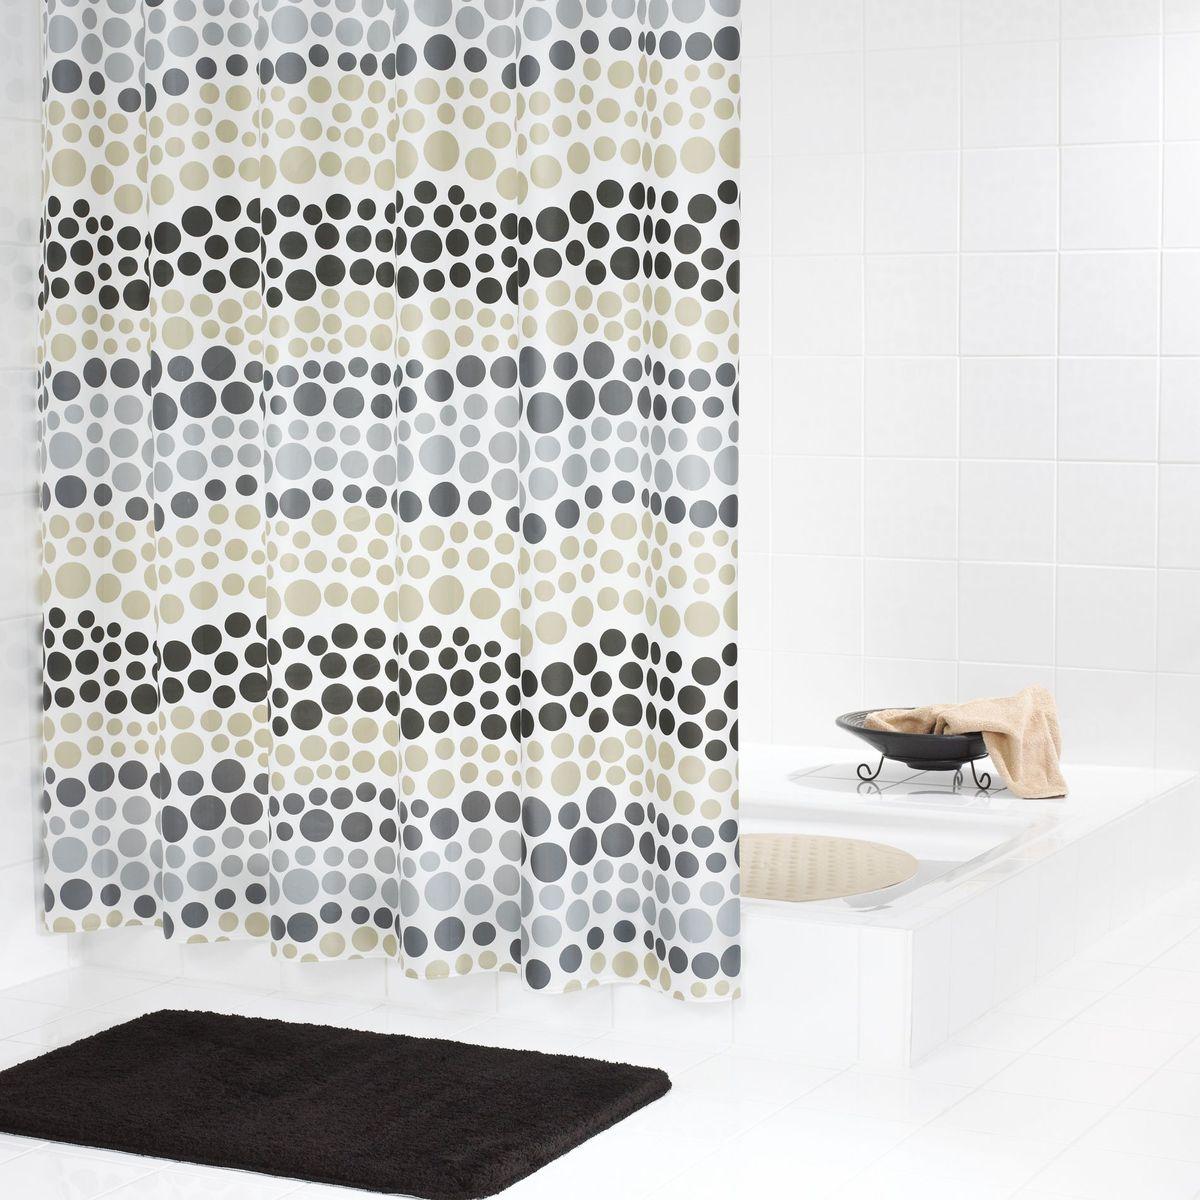 """Высококачественная немецкая шторка Ridder """"Layer"""" создаст прекрасное настроение в ванной комнате. Данное изделие имеет антигрибковое, водоотталкивающее и антистатическое покрытие. Машинная стирка. Глажка при низкой температуре."""